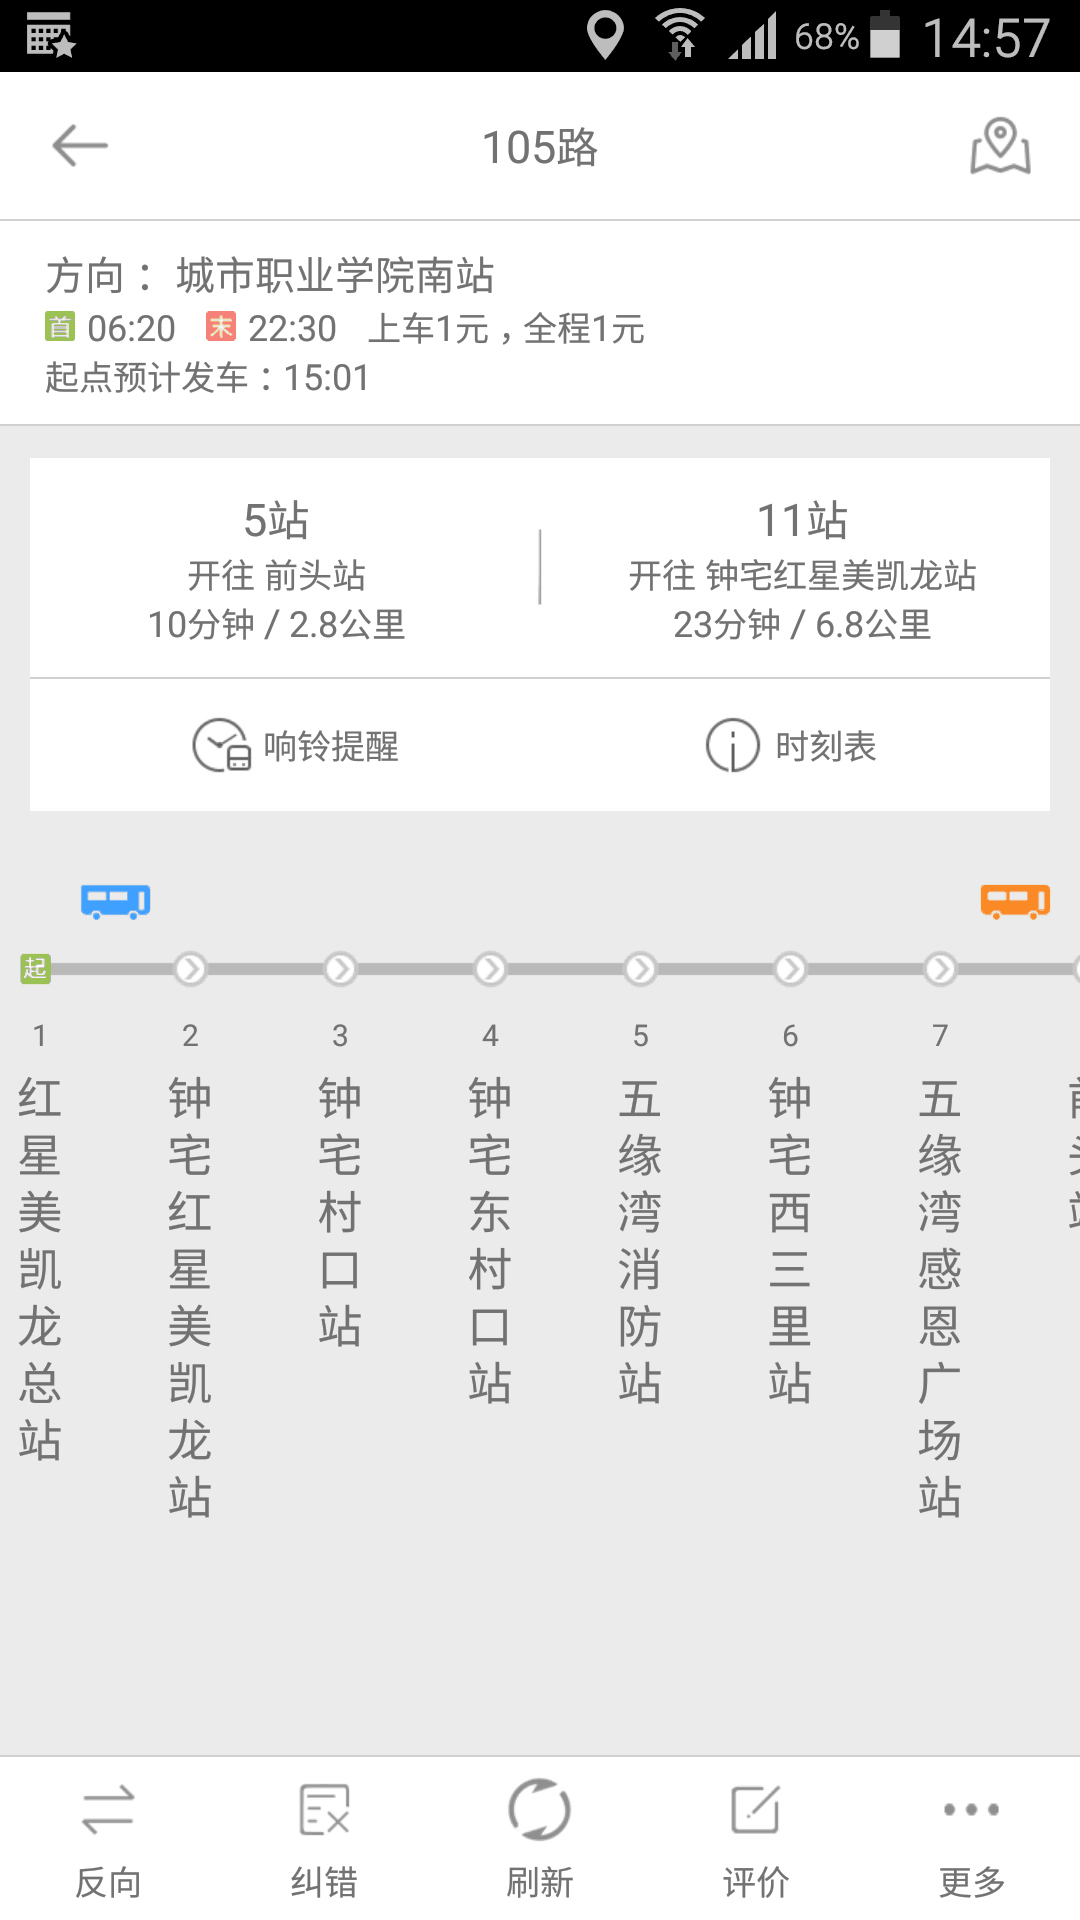 掌上公交 V2.8.5 安卓版截图5